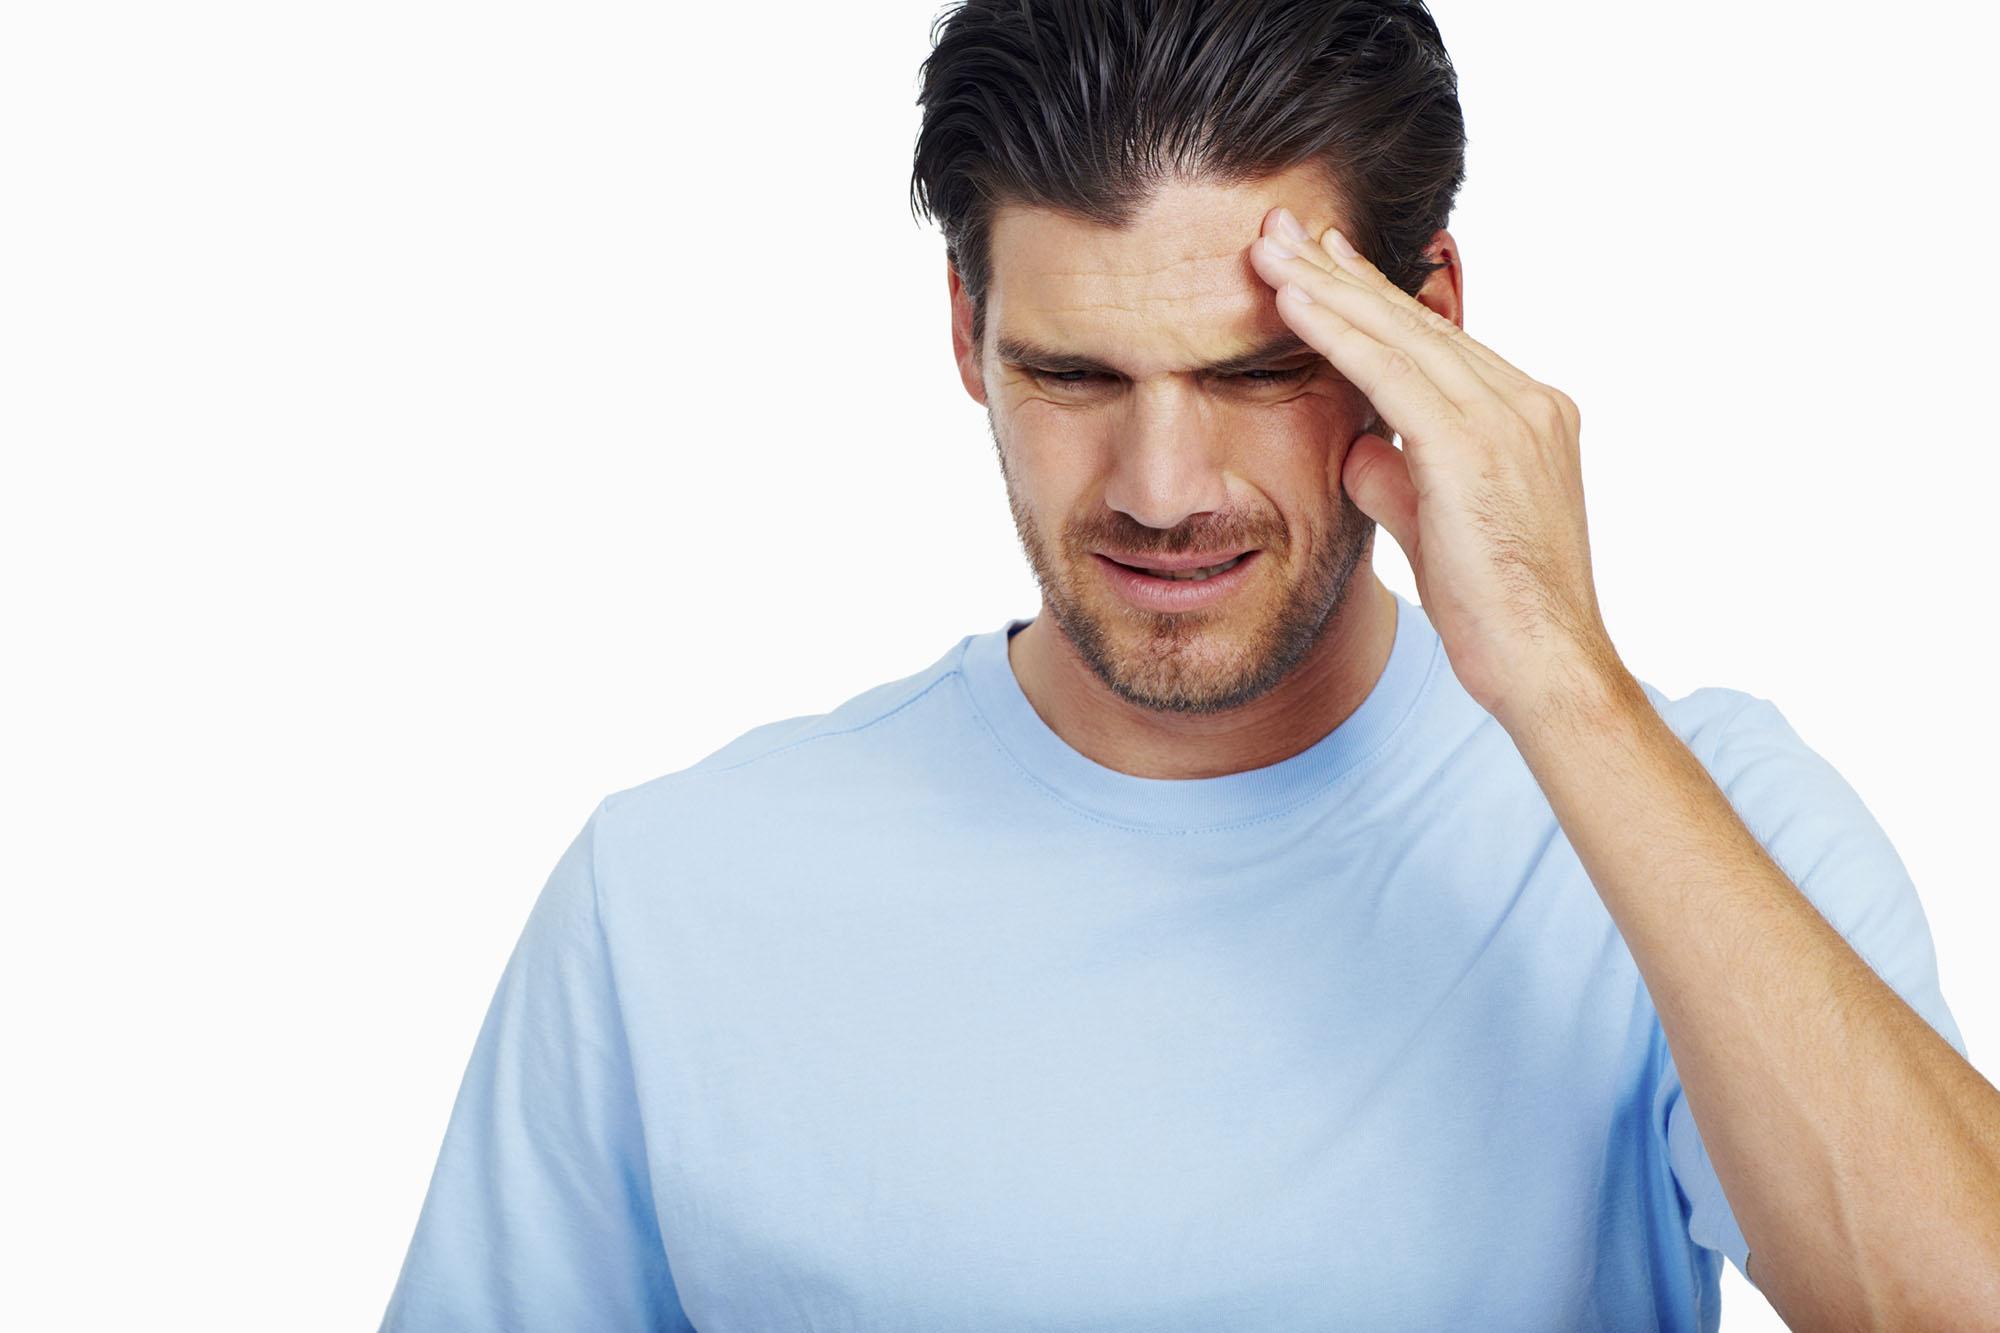 硬膜下麻醉后的头痛症状,麻醉手术后一直头痛